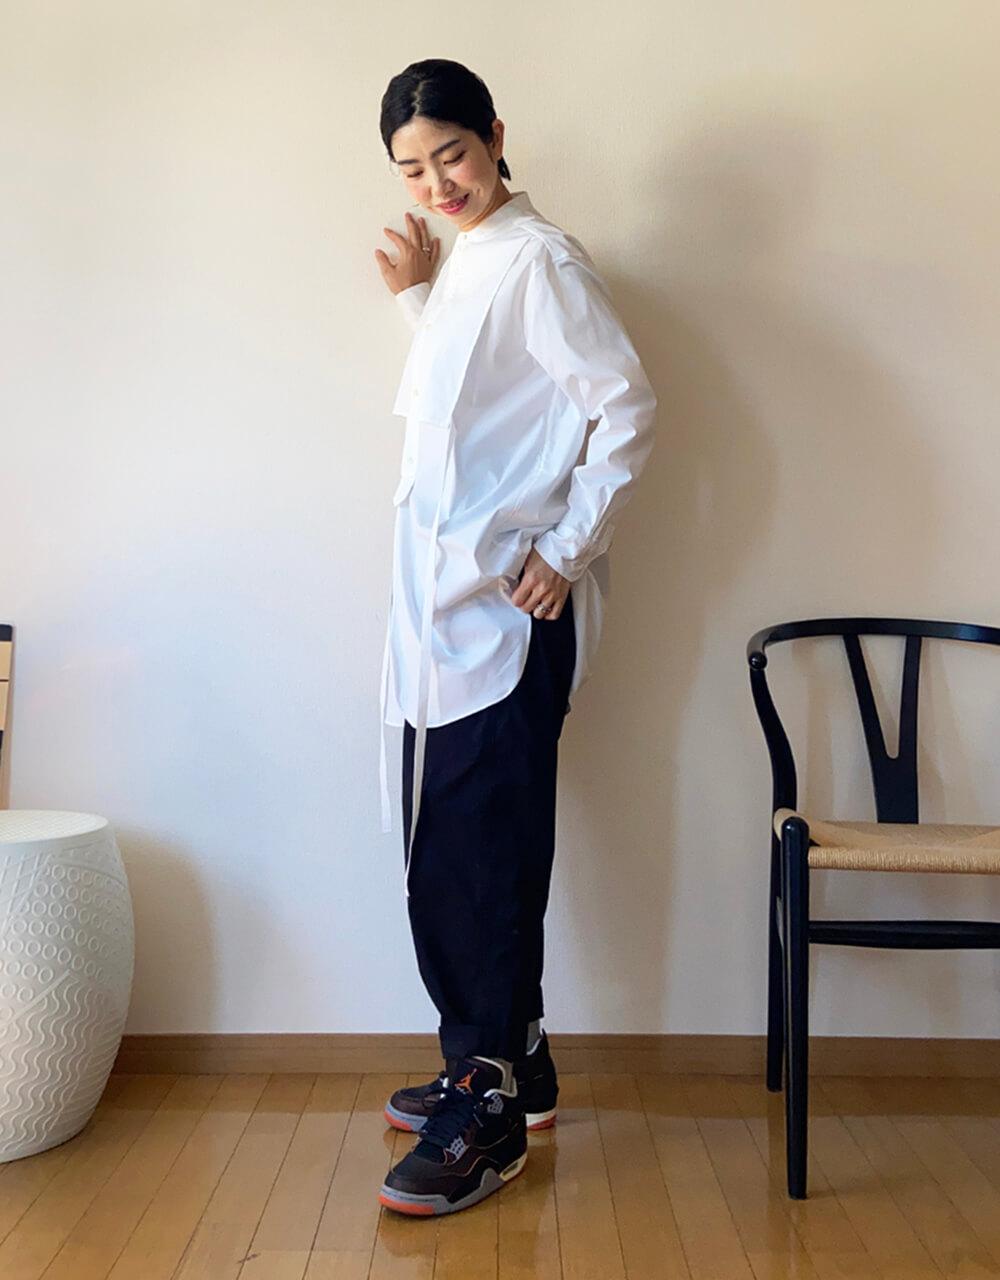 高木綾子/エアジョーダン4 シャツ/メゾンスペシャル パンツ/グラミチ